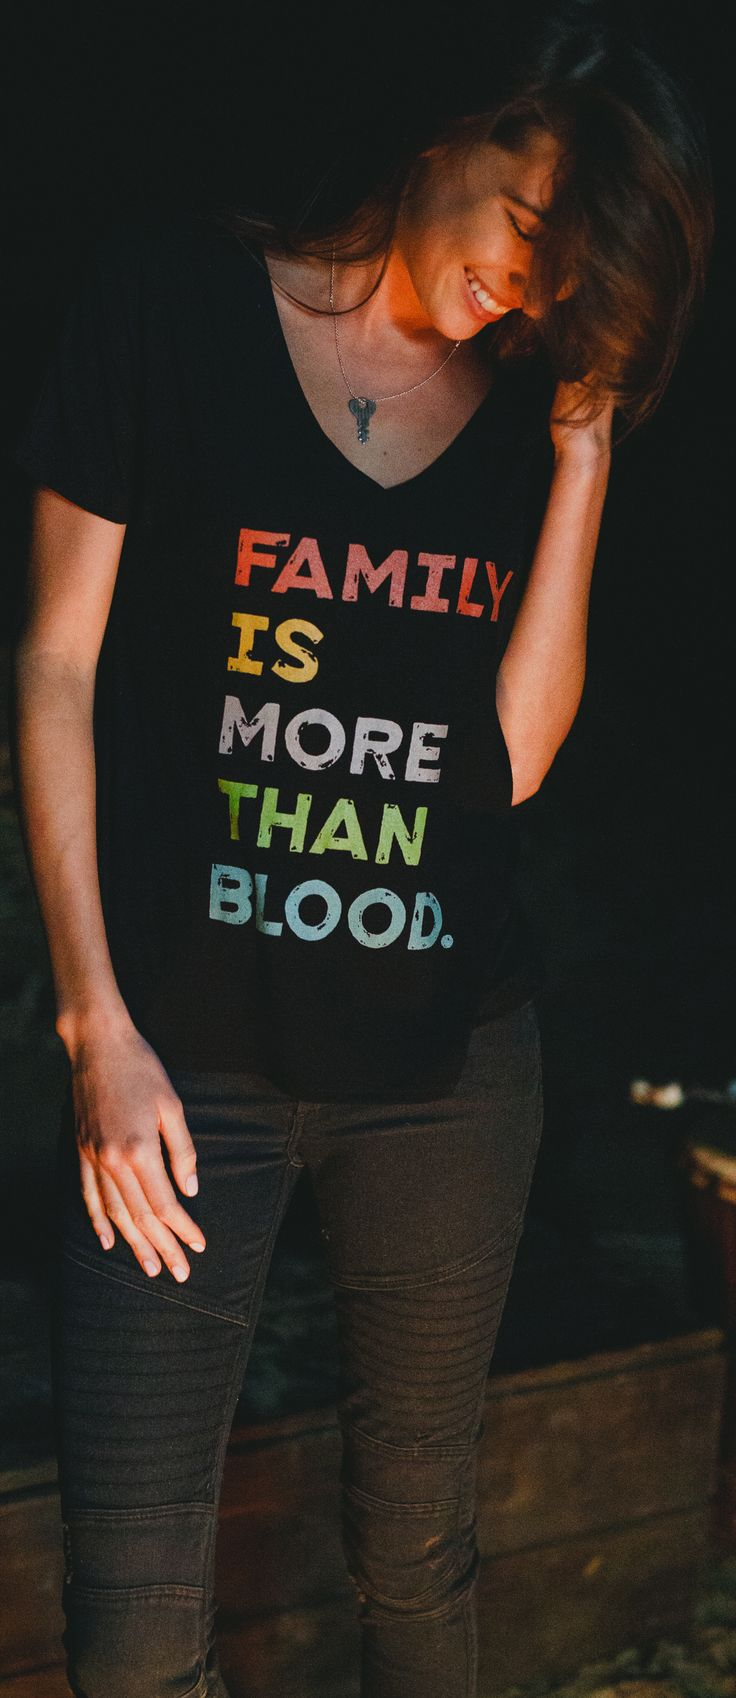 #adozione condividere il percorso adottivo ..  heartfamily - famiglie di cuore